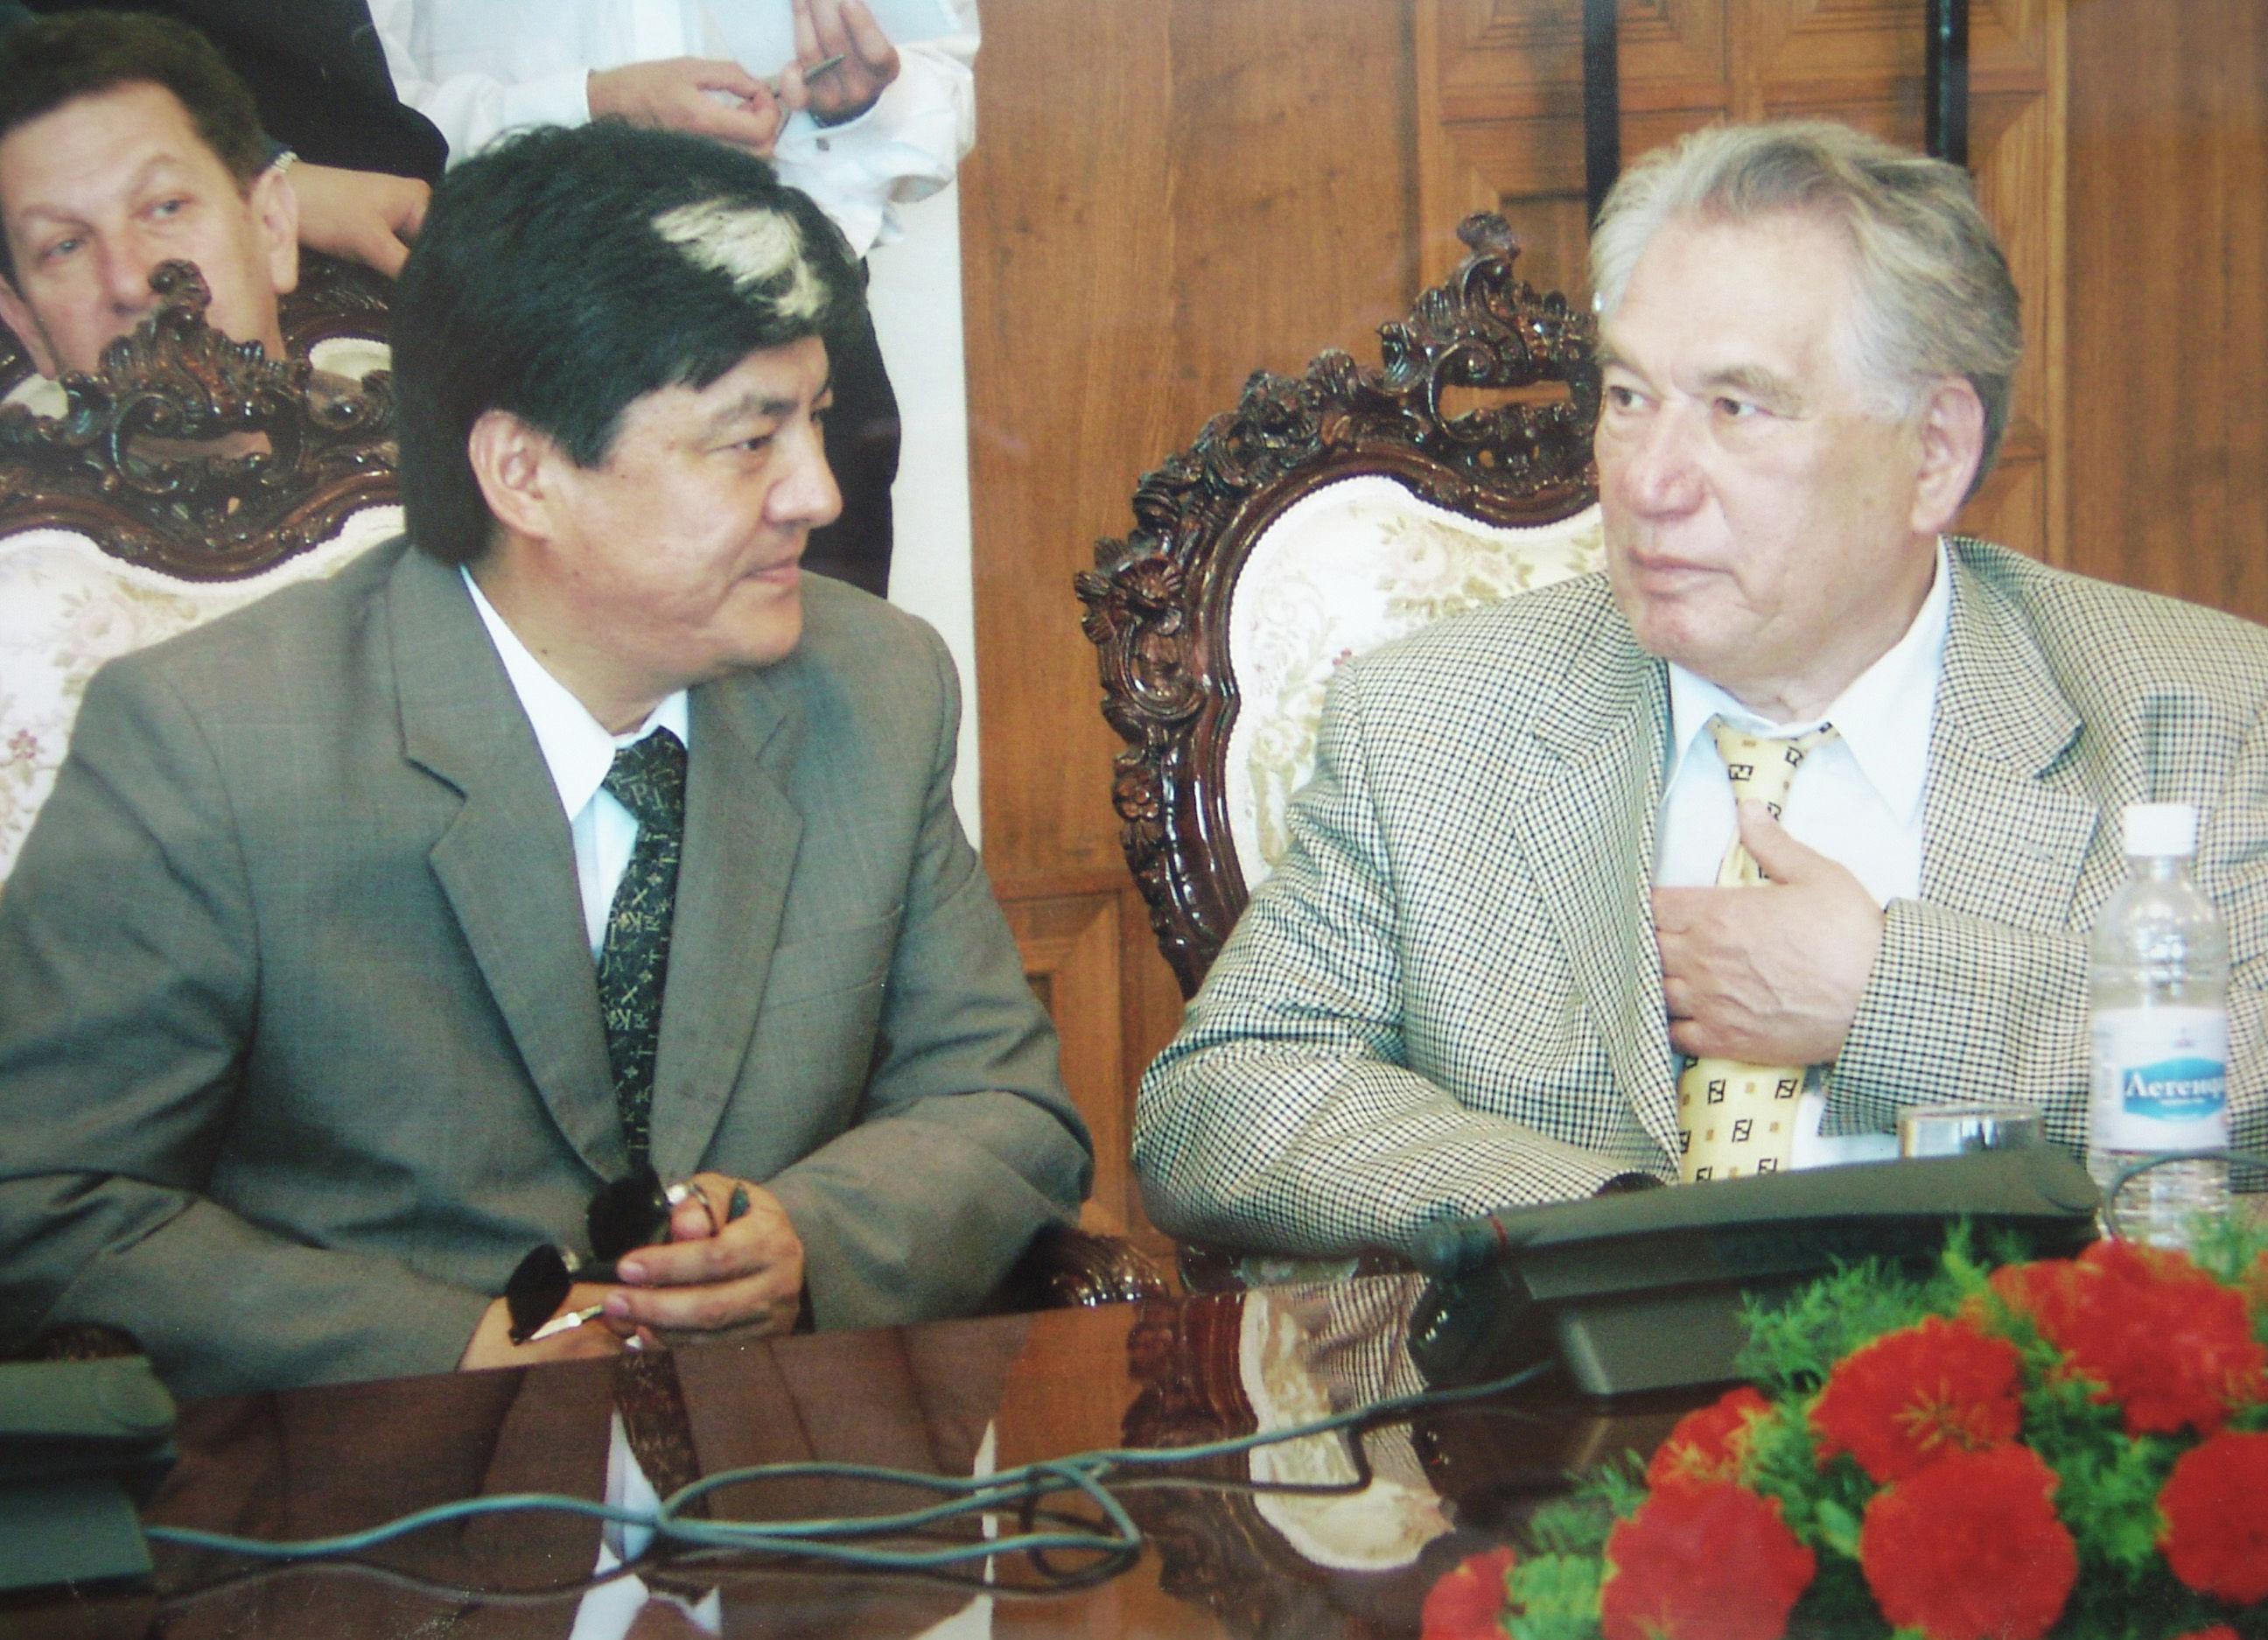 Народный артист КР, композитор, ректор Кыргызской Национальной консерватории Муратбек Бегалиев и писатель Чингиз Айтматов